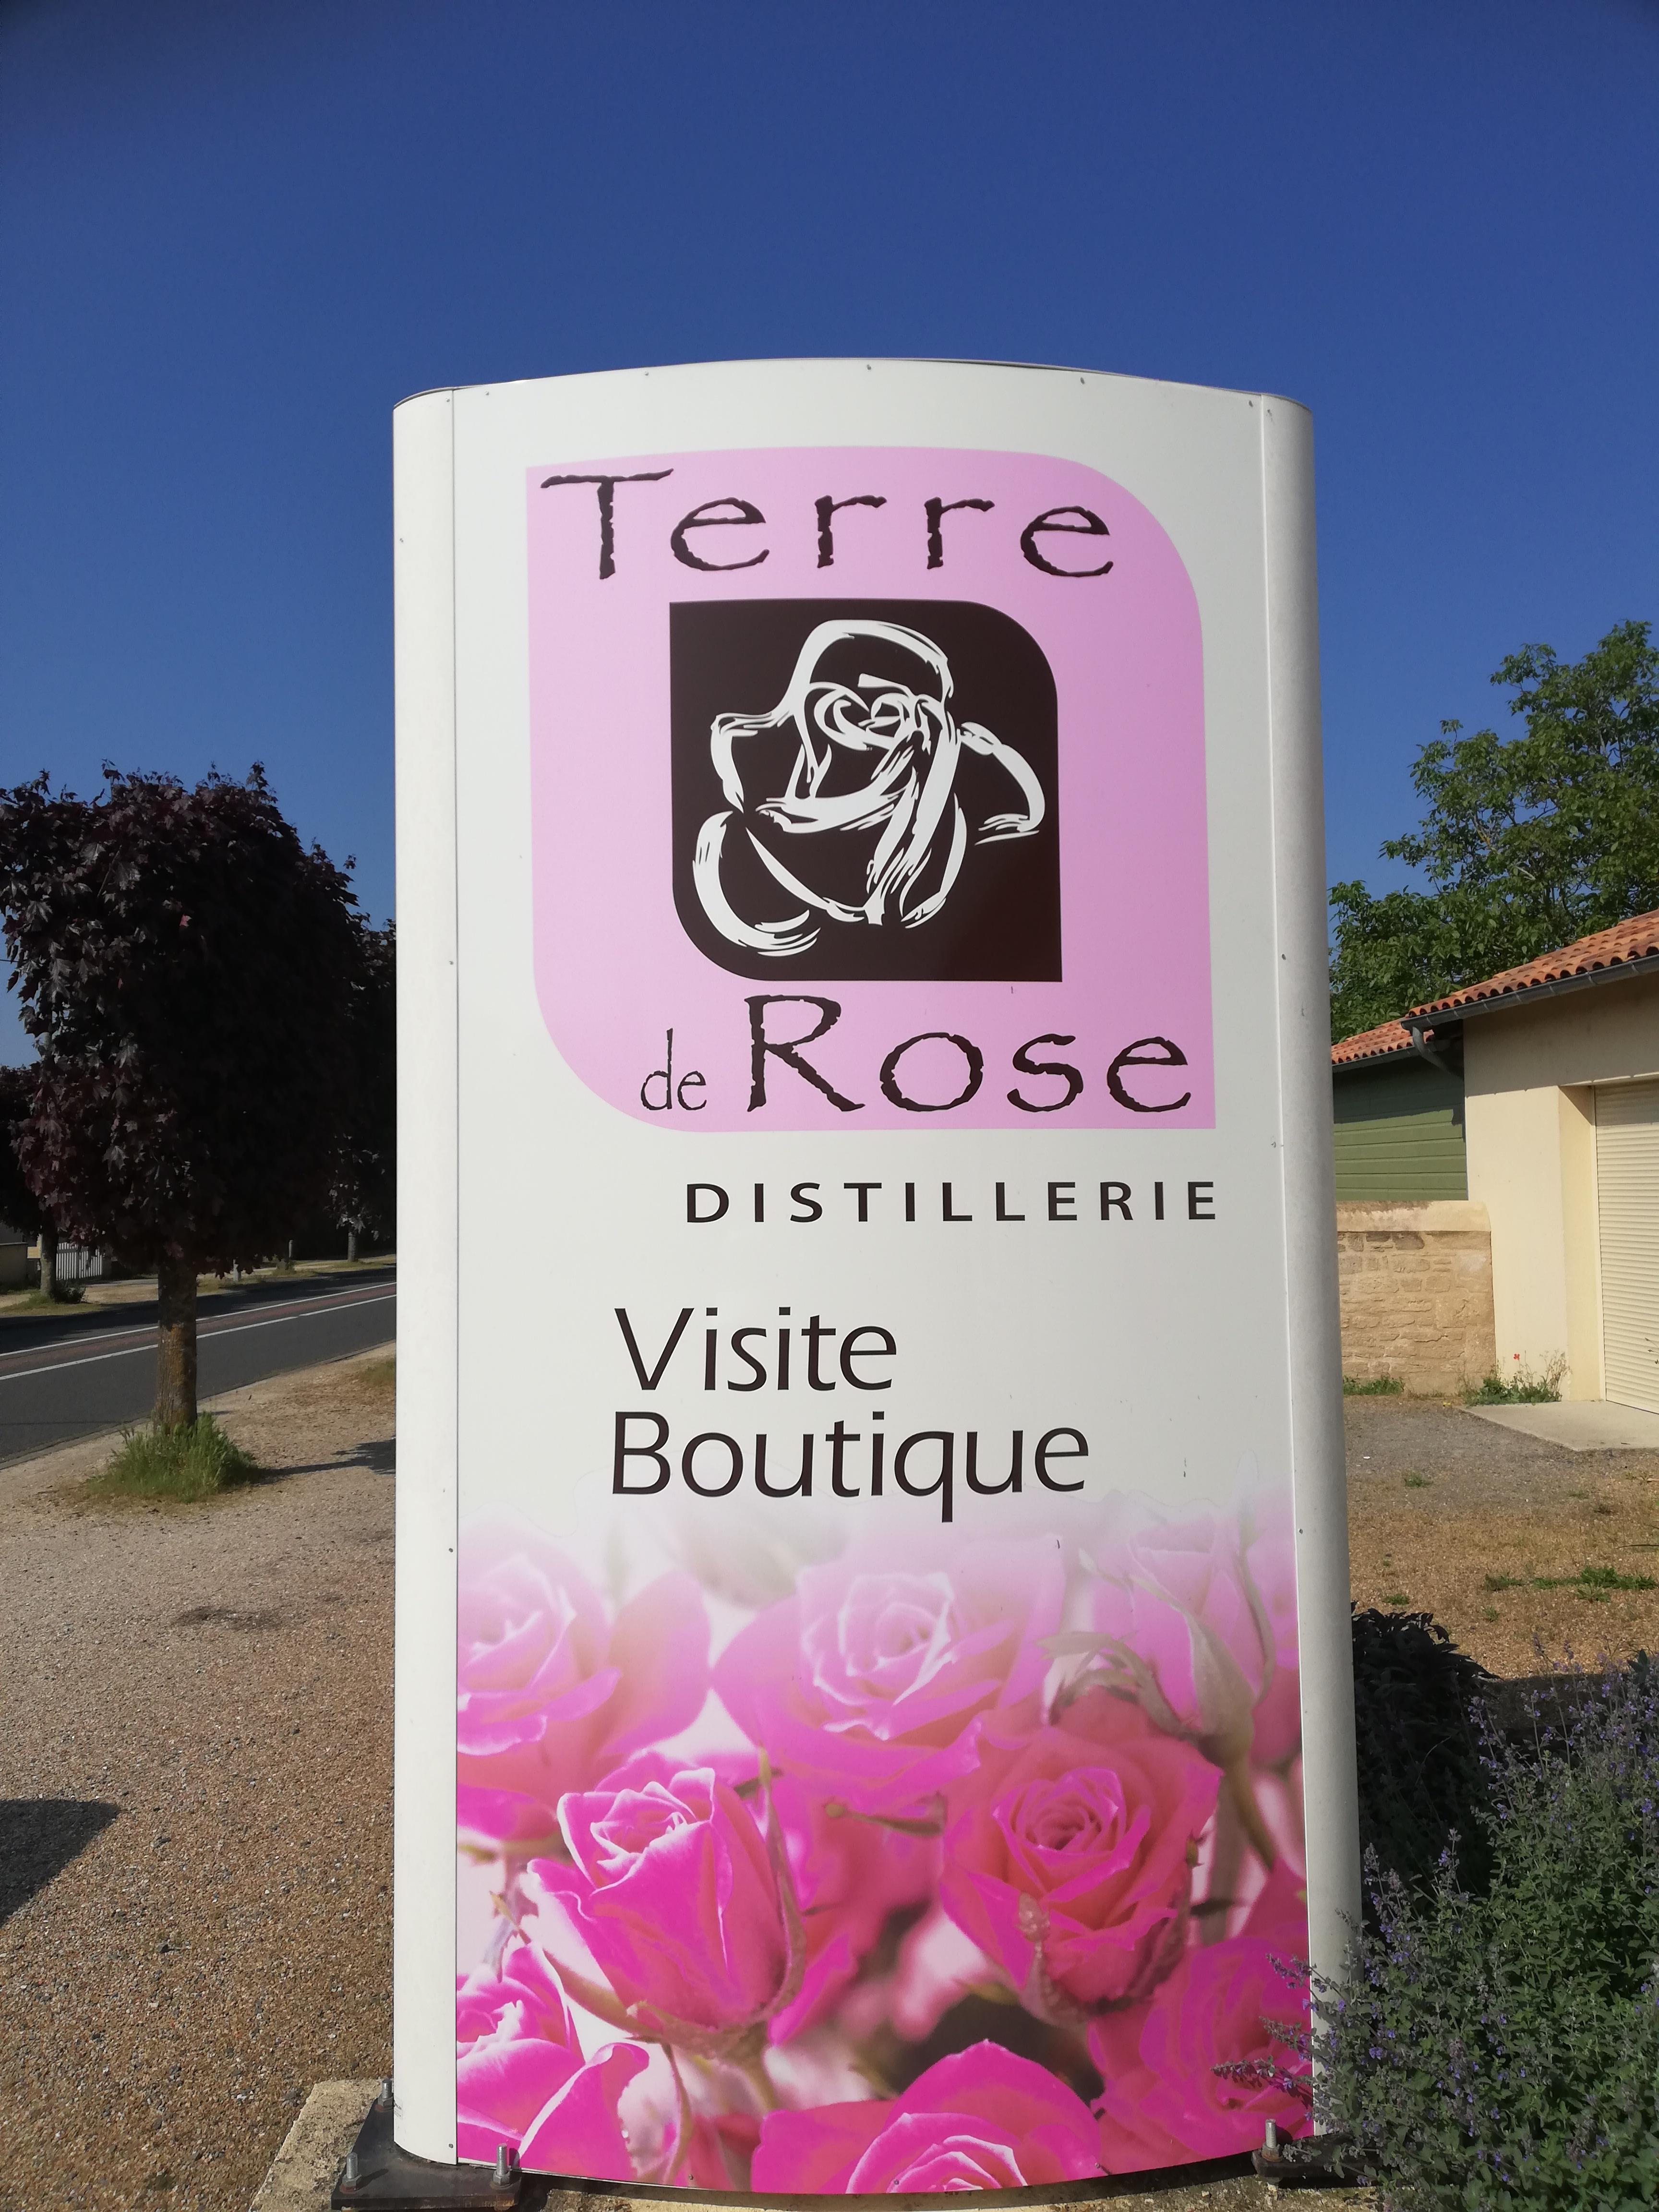 Entrée de la boutique Terre de Rose